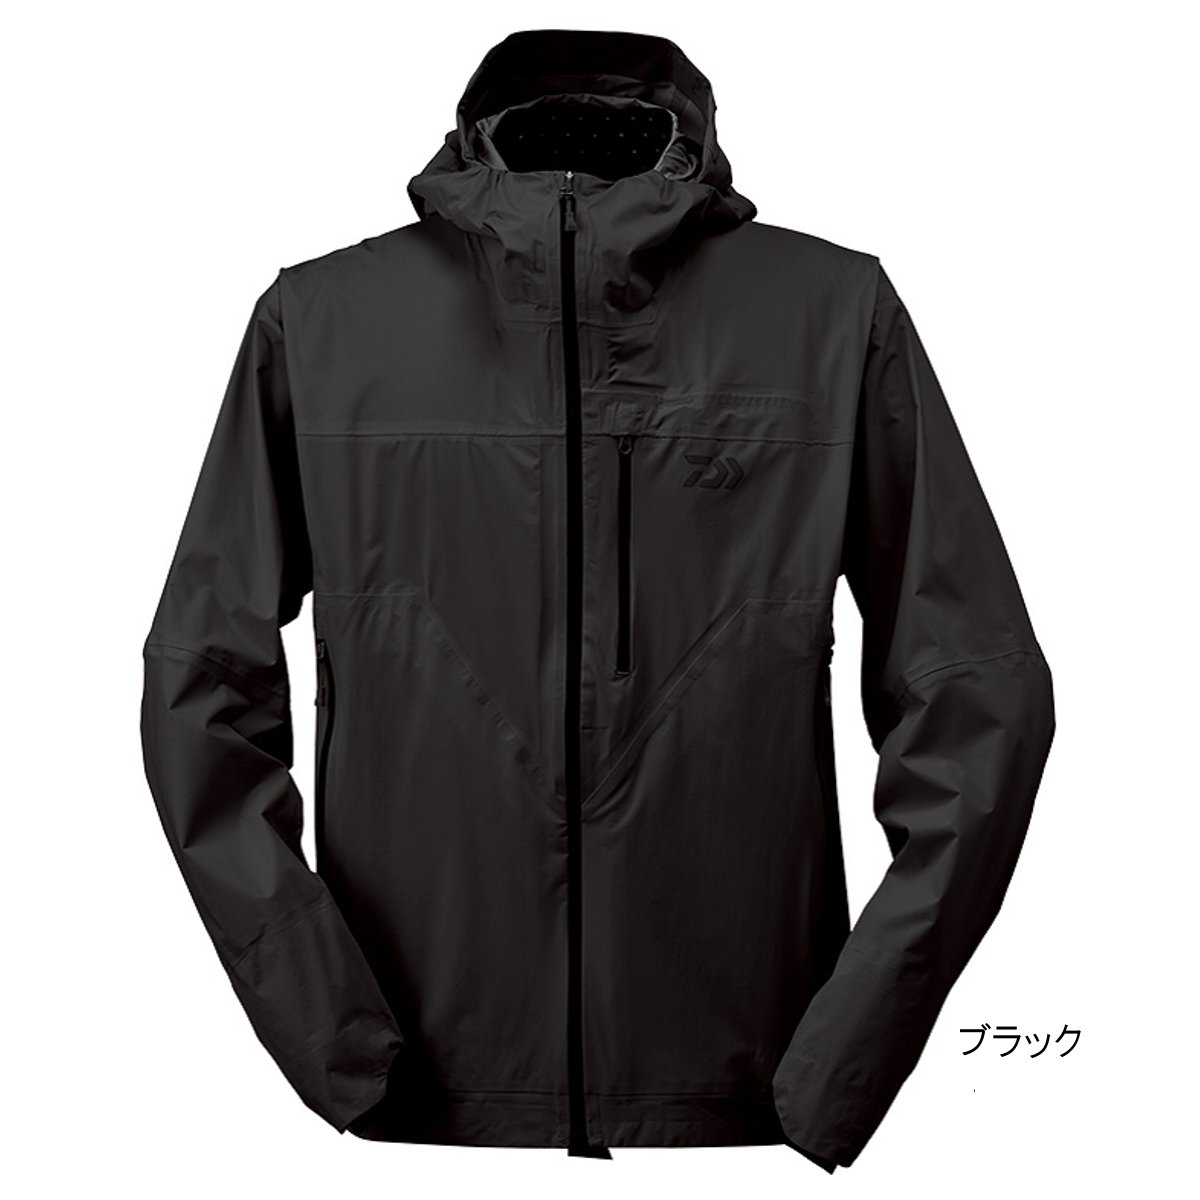 ダイワ レインマックス ポケッタブルレインジャケット DR-32009J M ブラック【送料無料】